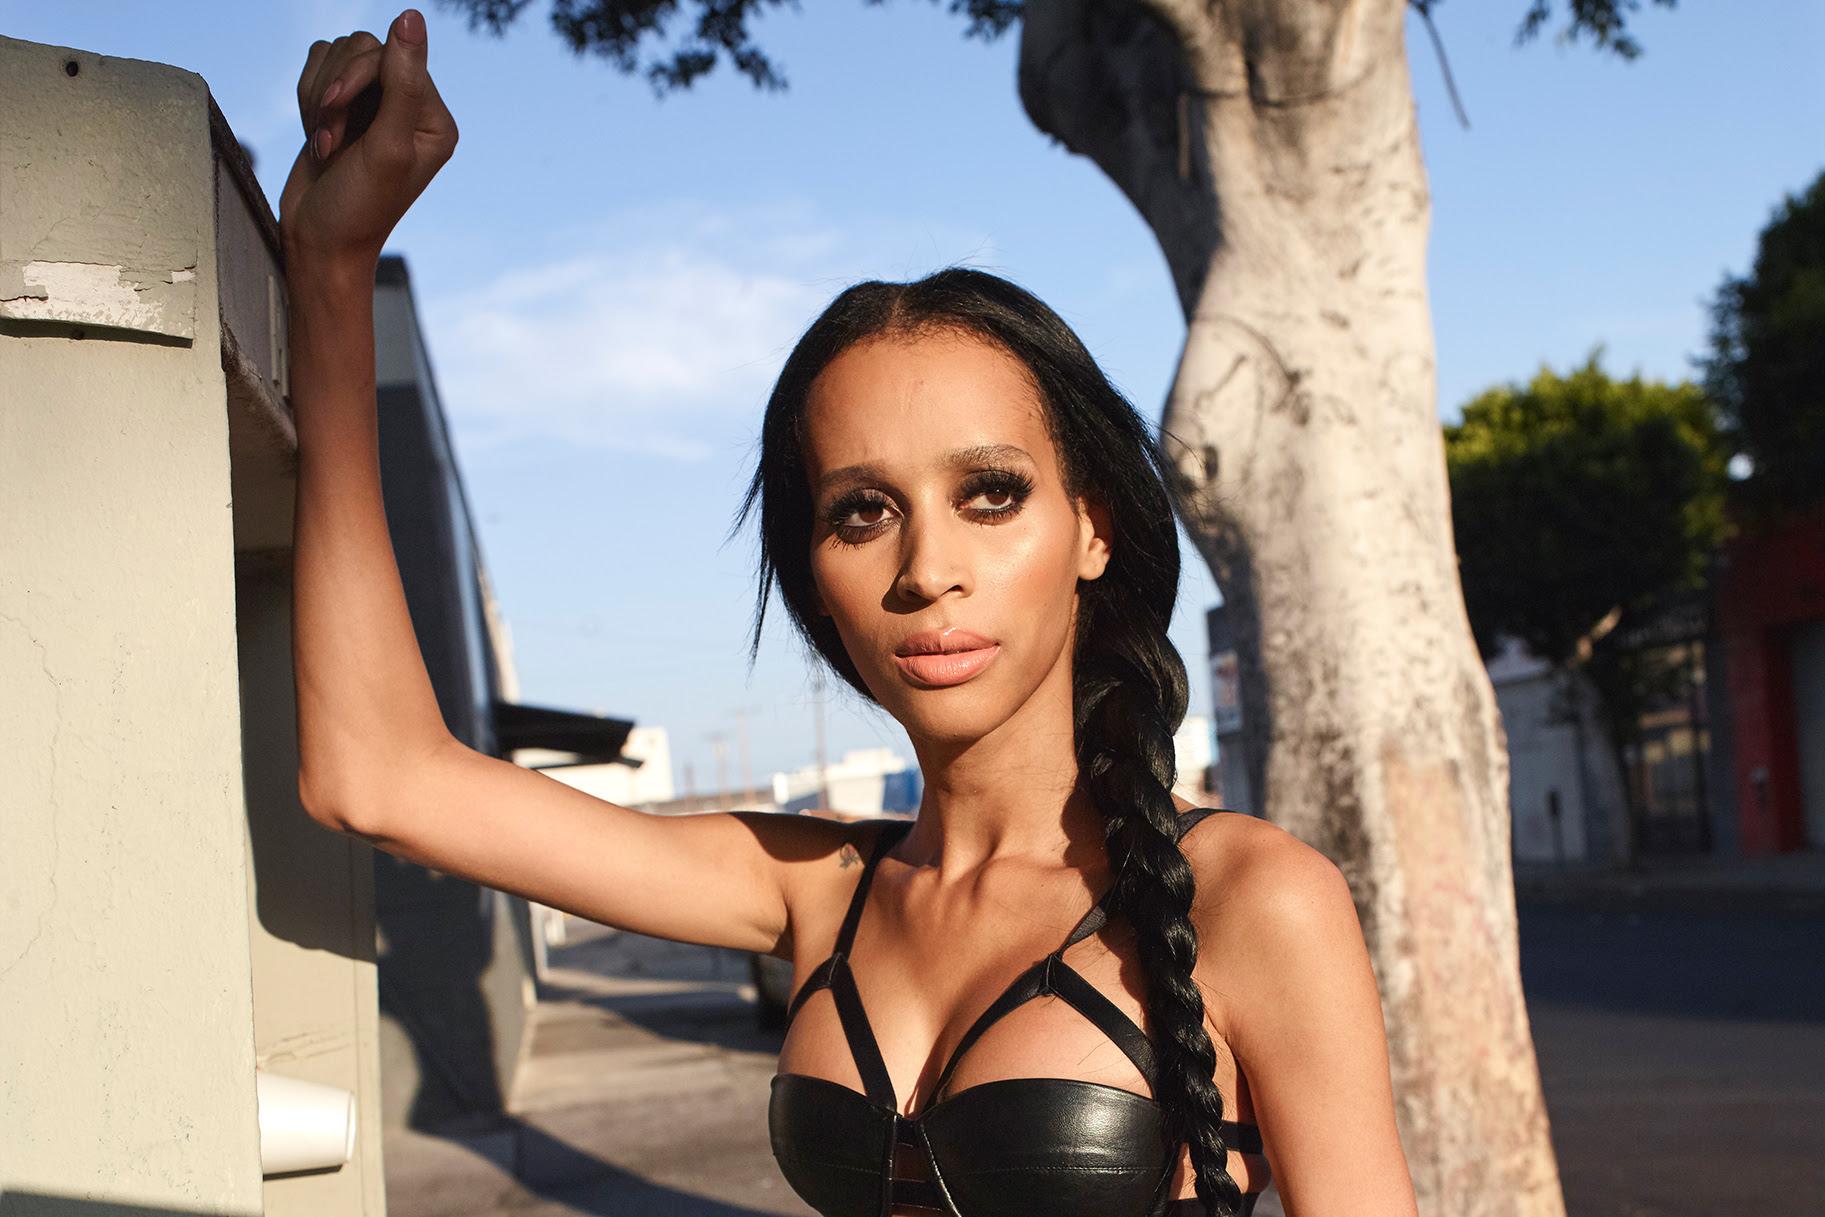 Image result for transgender models female Isis King